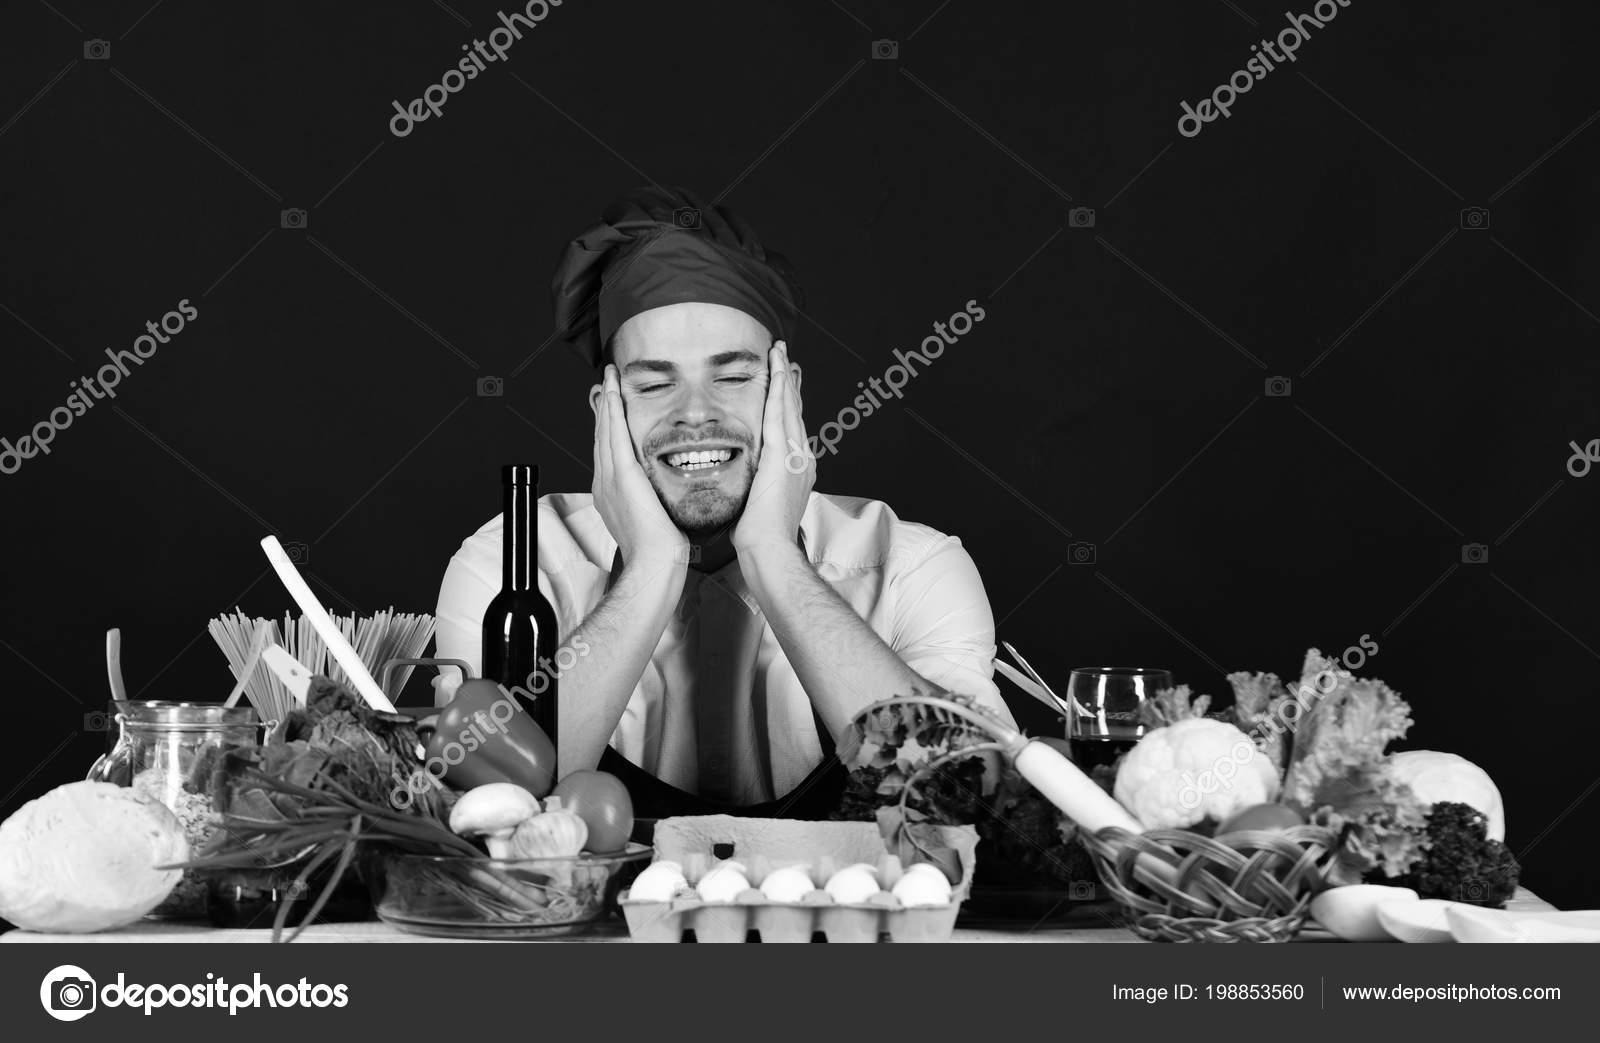 Cucina e concetto di cucina professionale. Uomo in Borgogna pose cappello e  grembiule vicino a cibo. Cuoco unico con la faccia da sogno su priorità  bassa ... 5ab36959608d